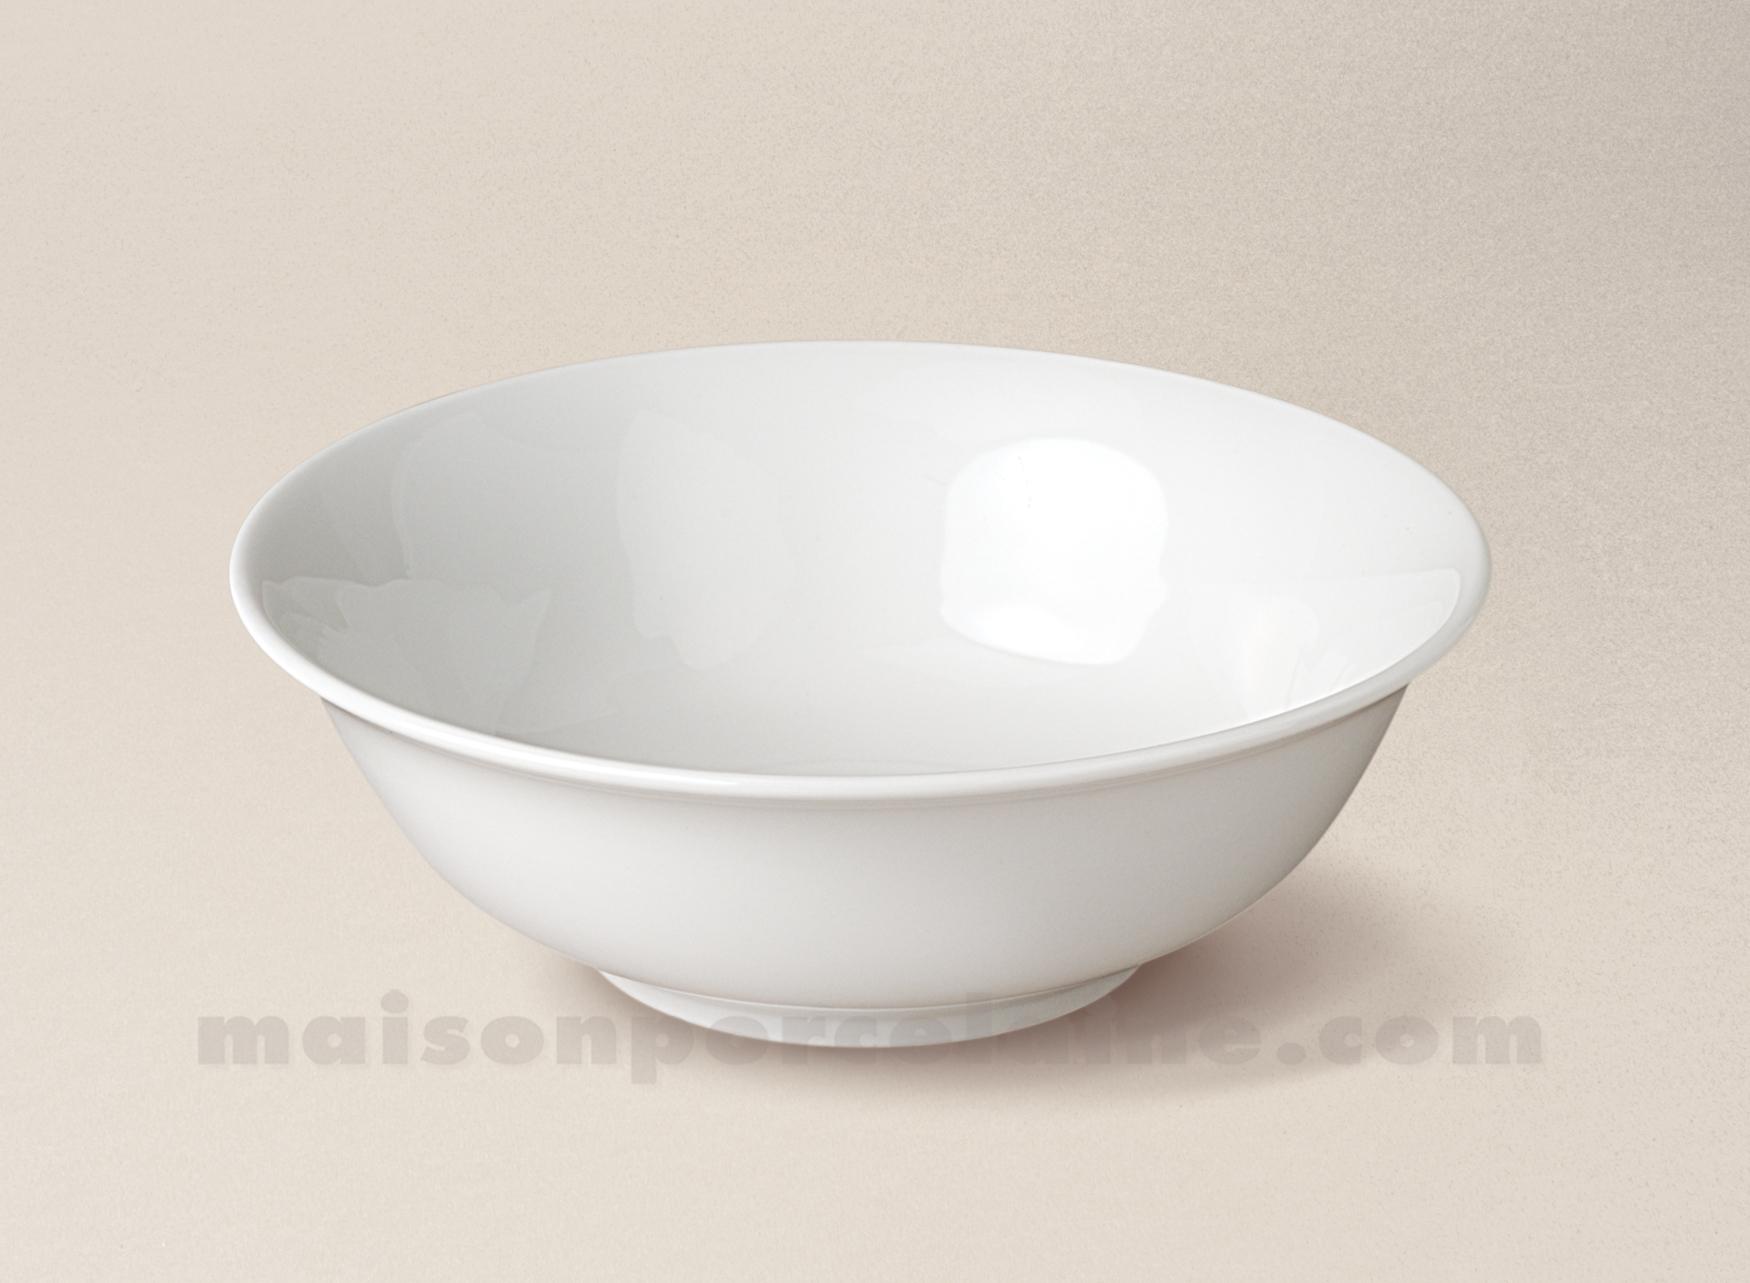 coupelle porcelaine blanche conique sologne 16 5x6 maison de la porcelaine. Black Bedroom Furniture Sets. Home Design Ideas